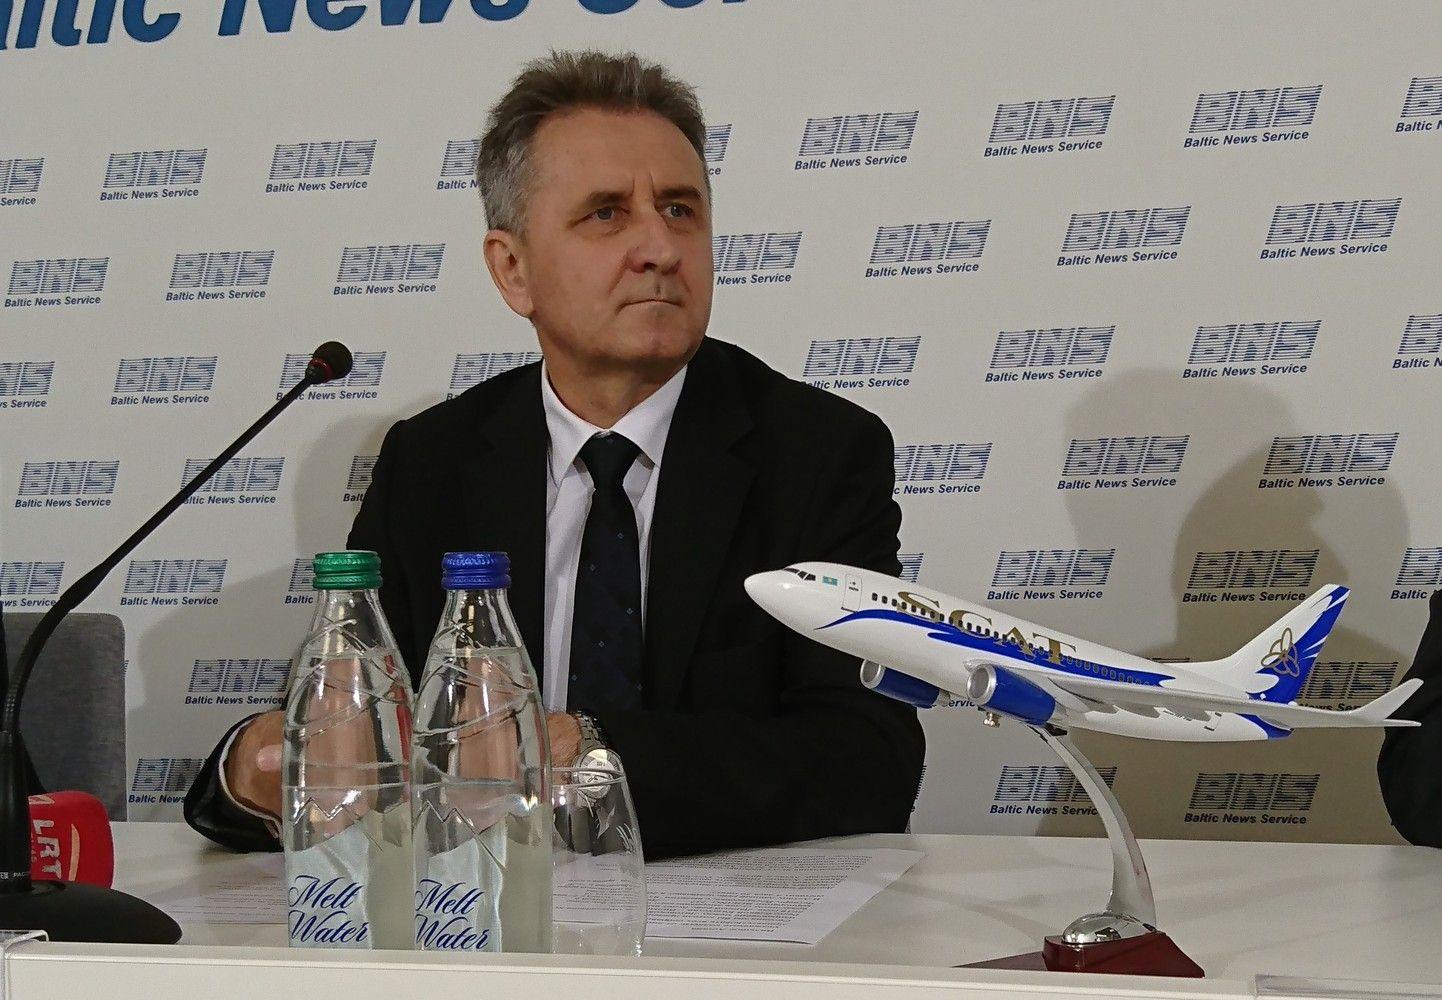 Kazachų oro linijos Vilnių pasirinko kaip pačiai bendrovei ir verslui svarbų miestą